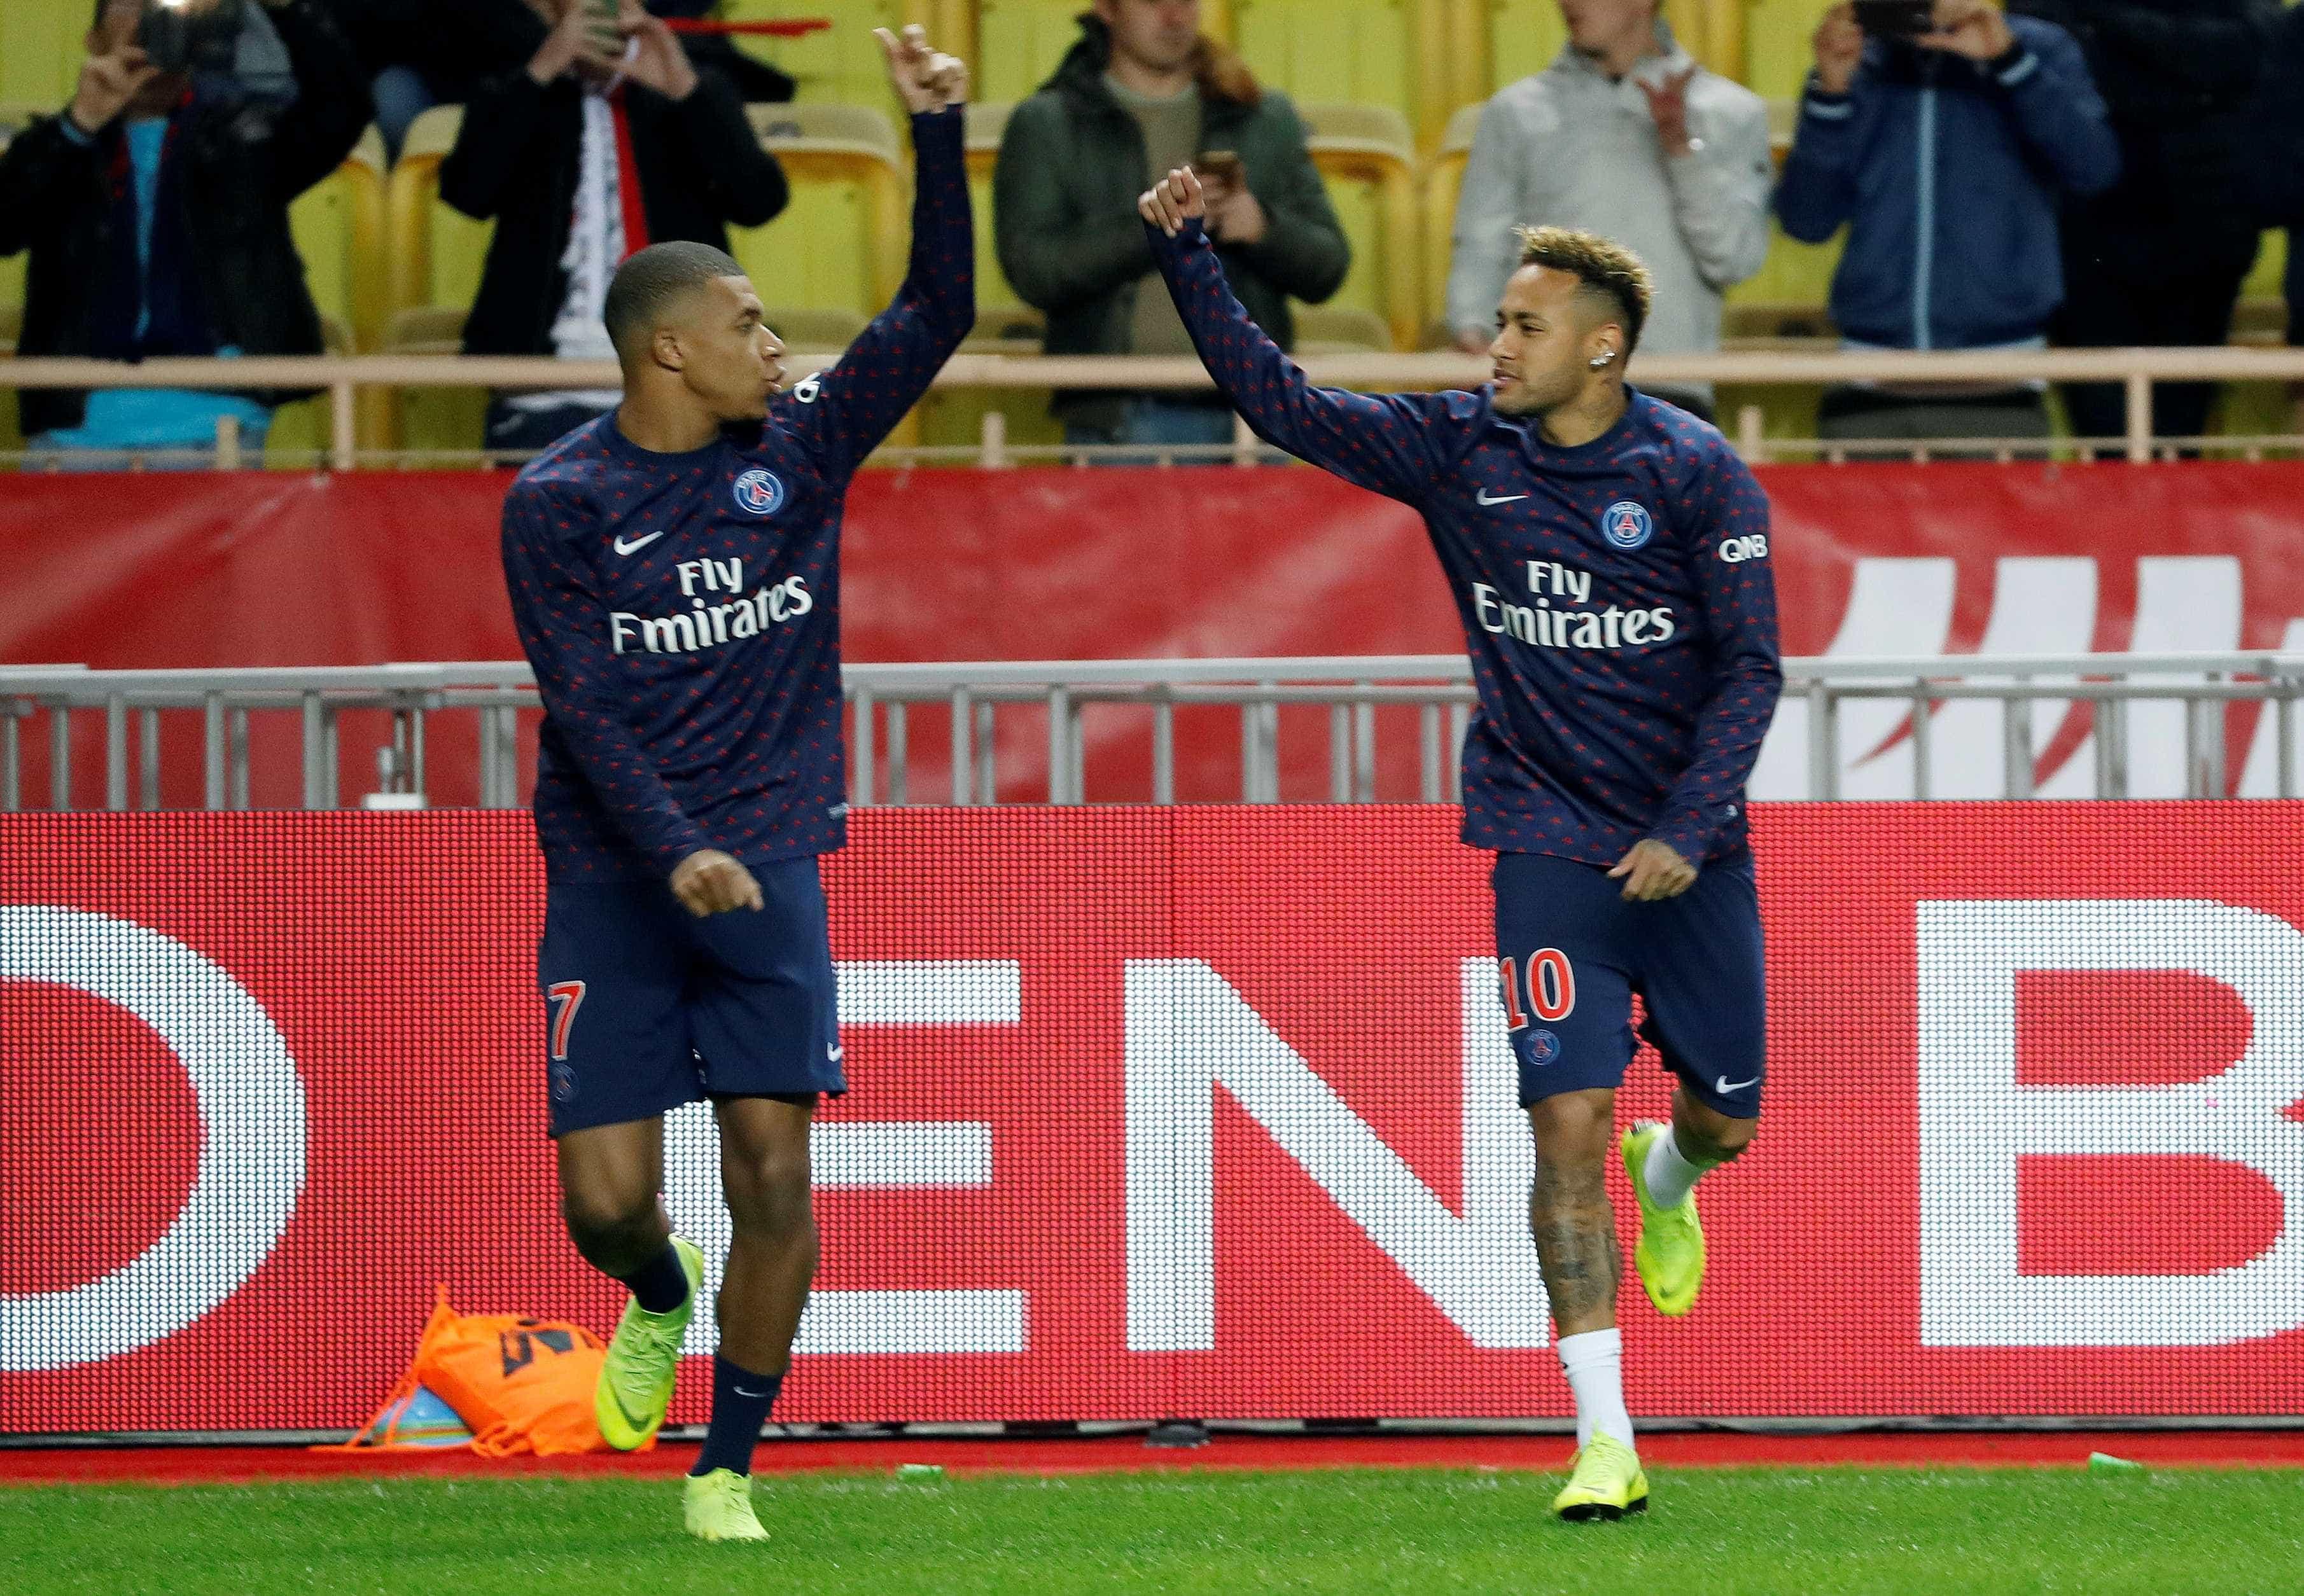 Jornal francês afirma que o PSG está disposto a vender Neymar ou Mbappé